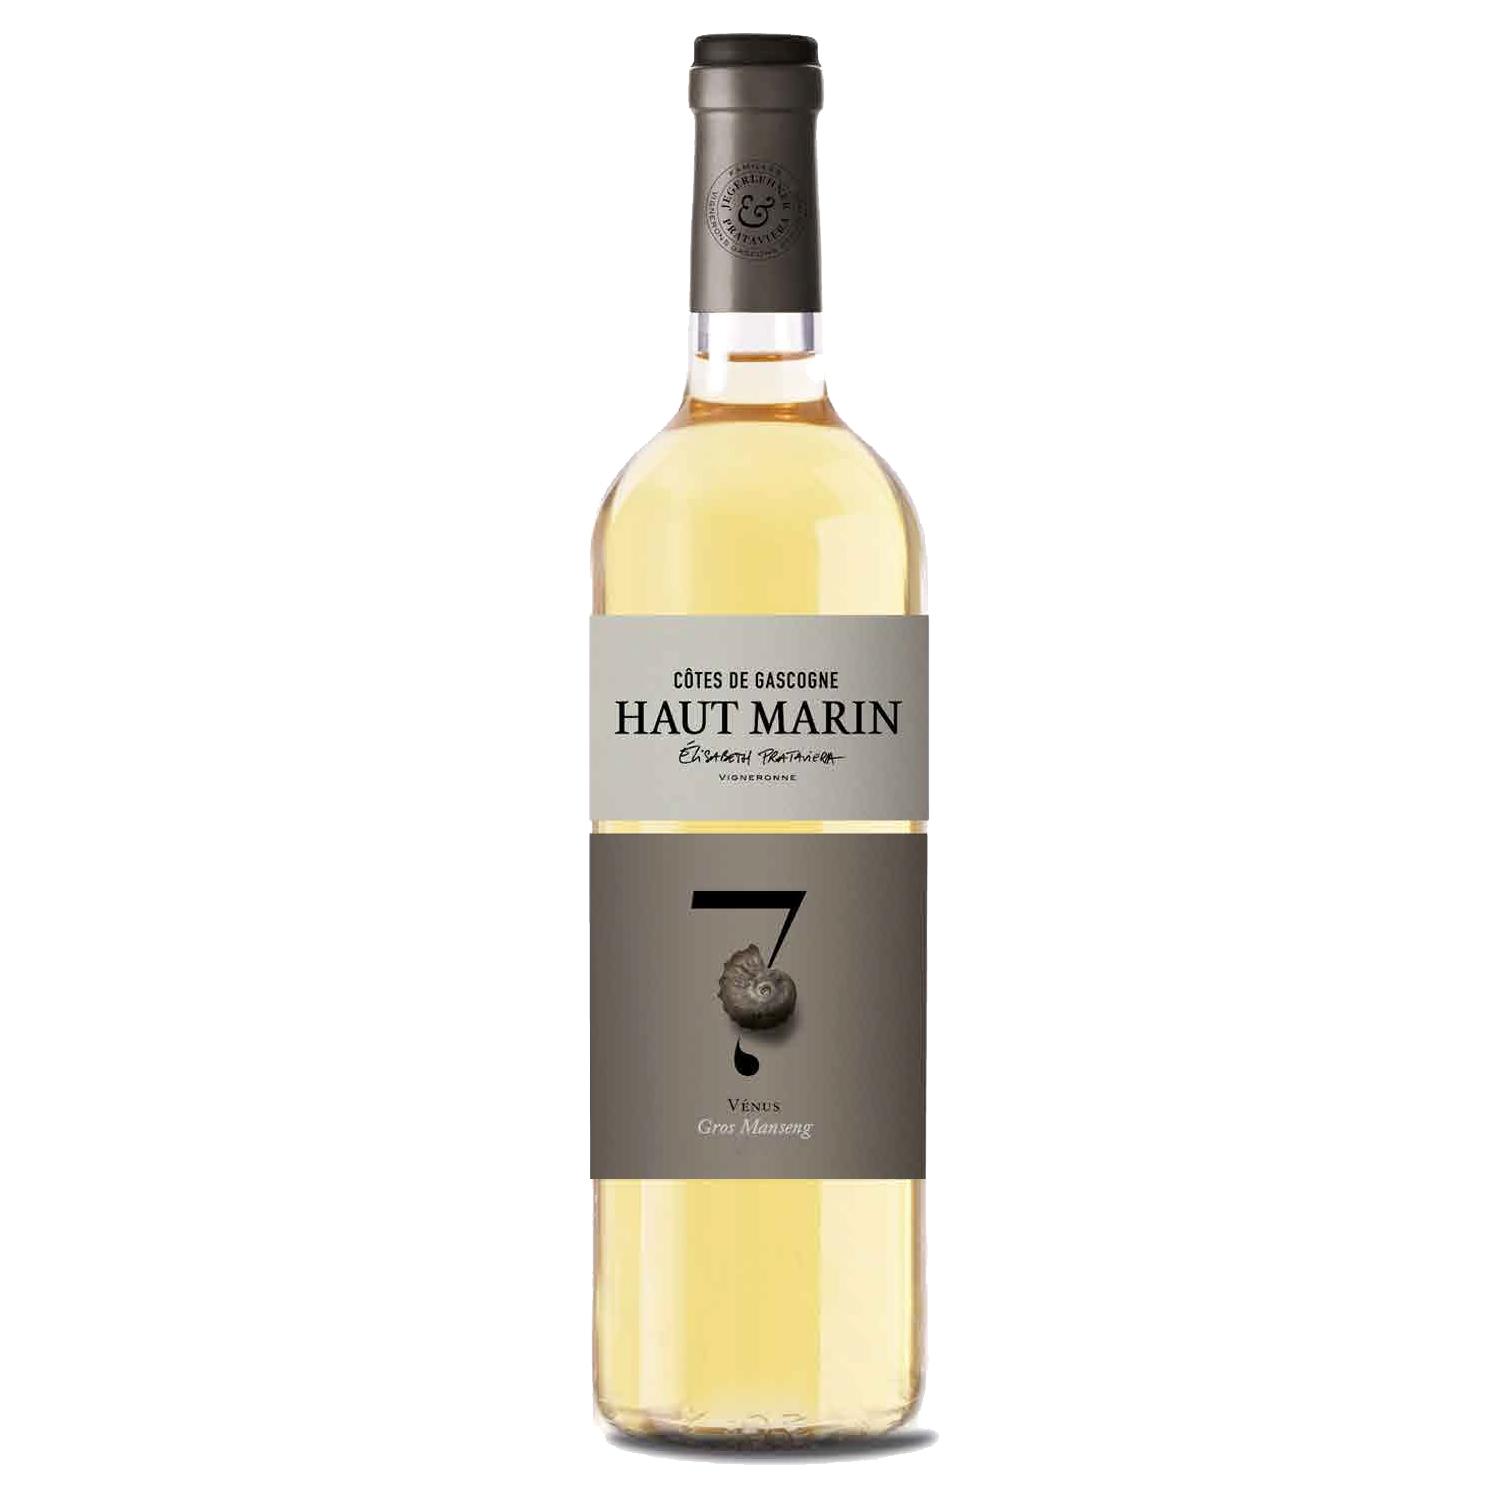 Côtes de Gascogne - Venus Gros Manseng N°7 - Domaine Haut-Marin - 2018